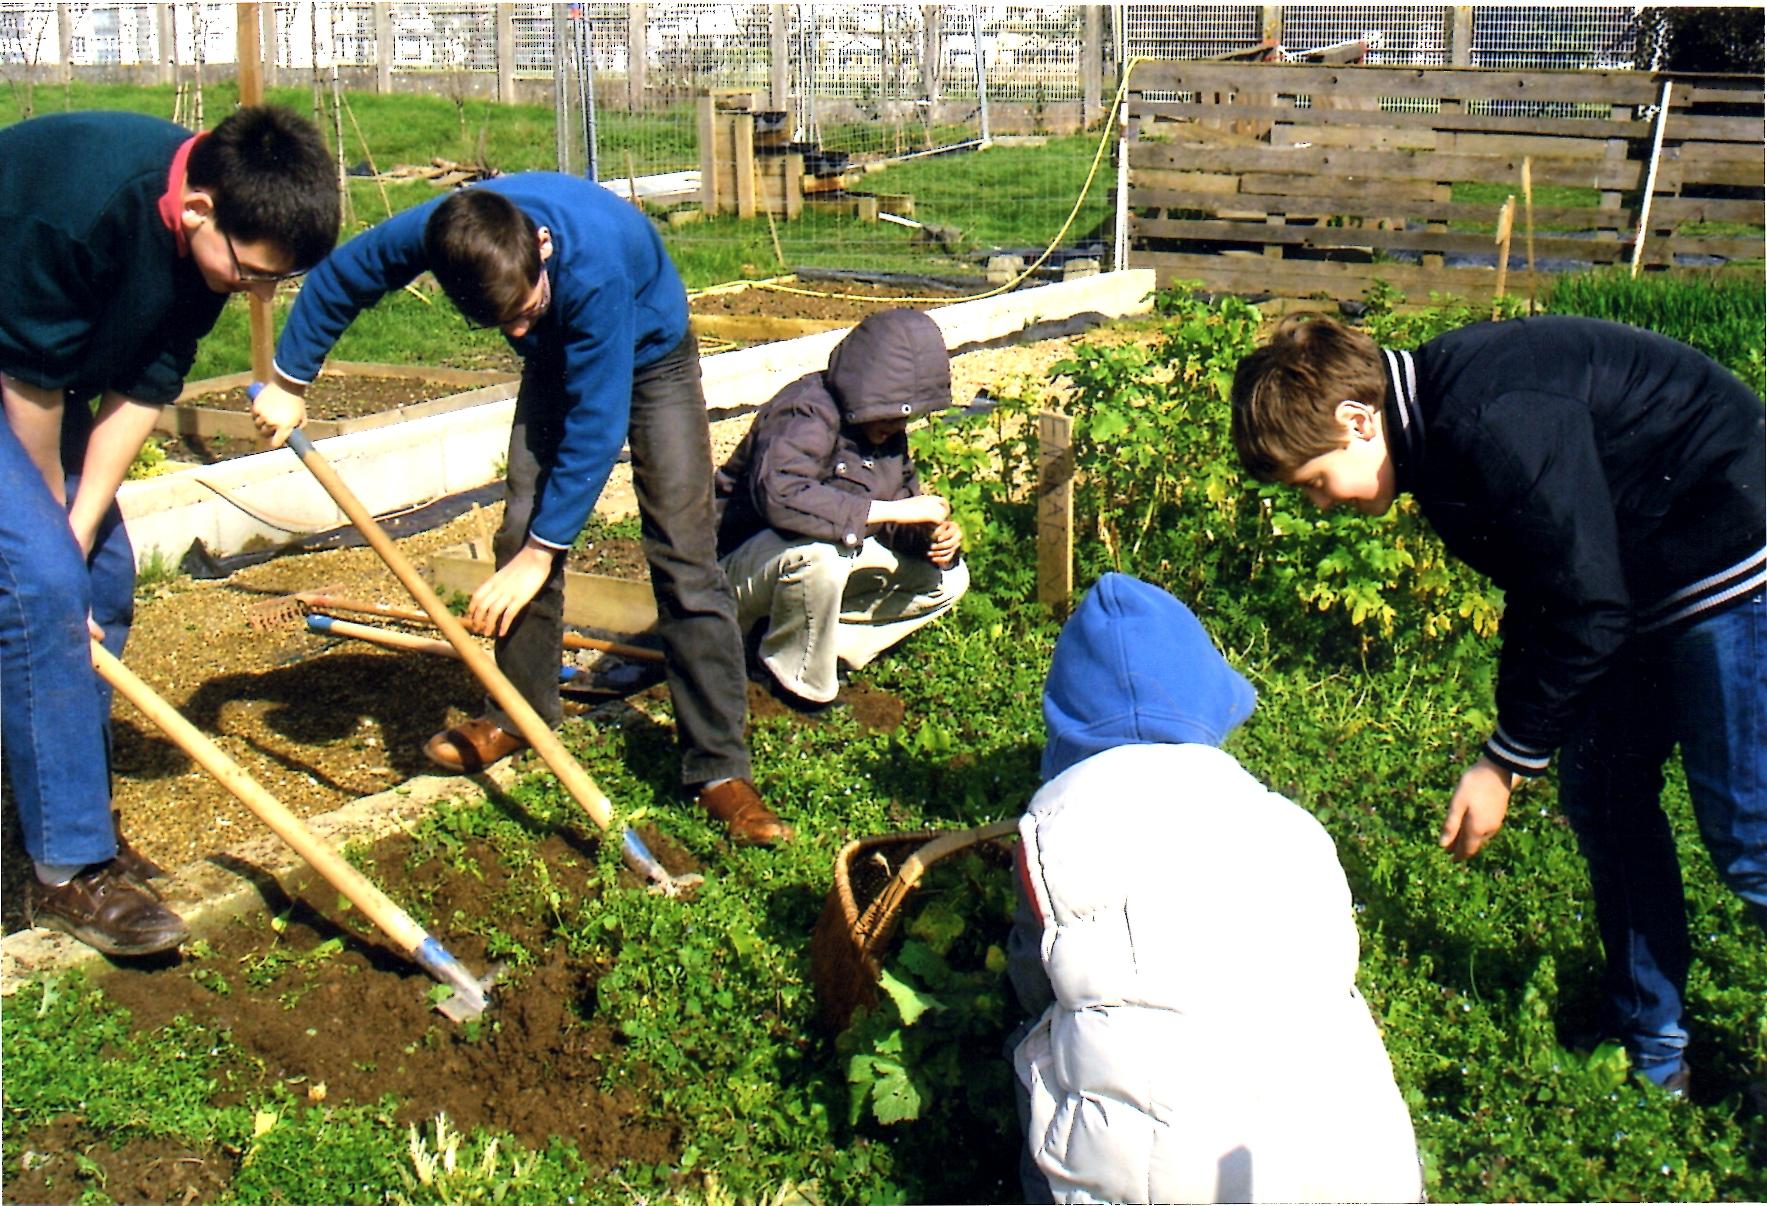 jardin077.jpg